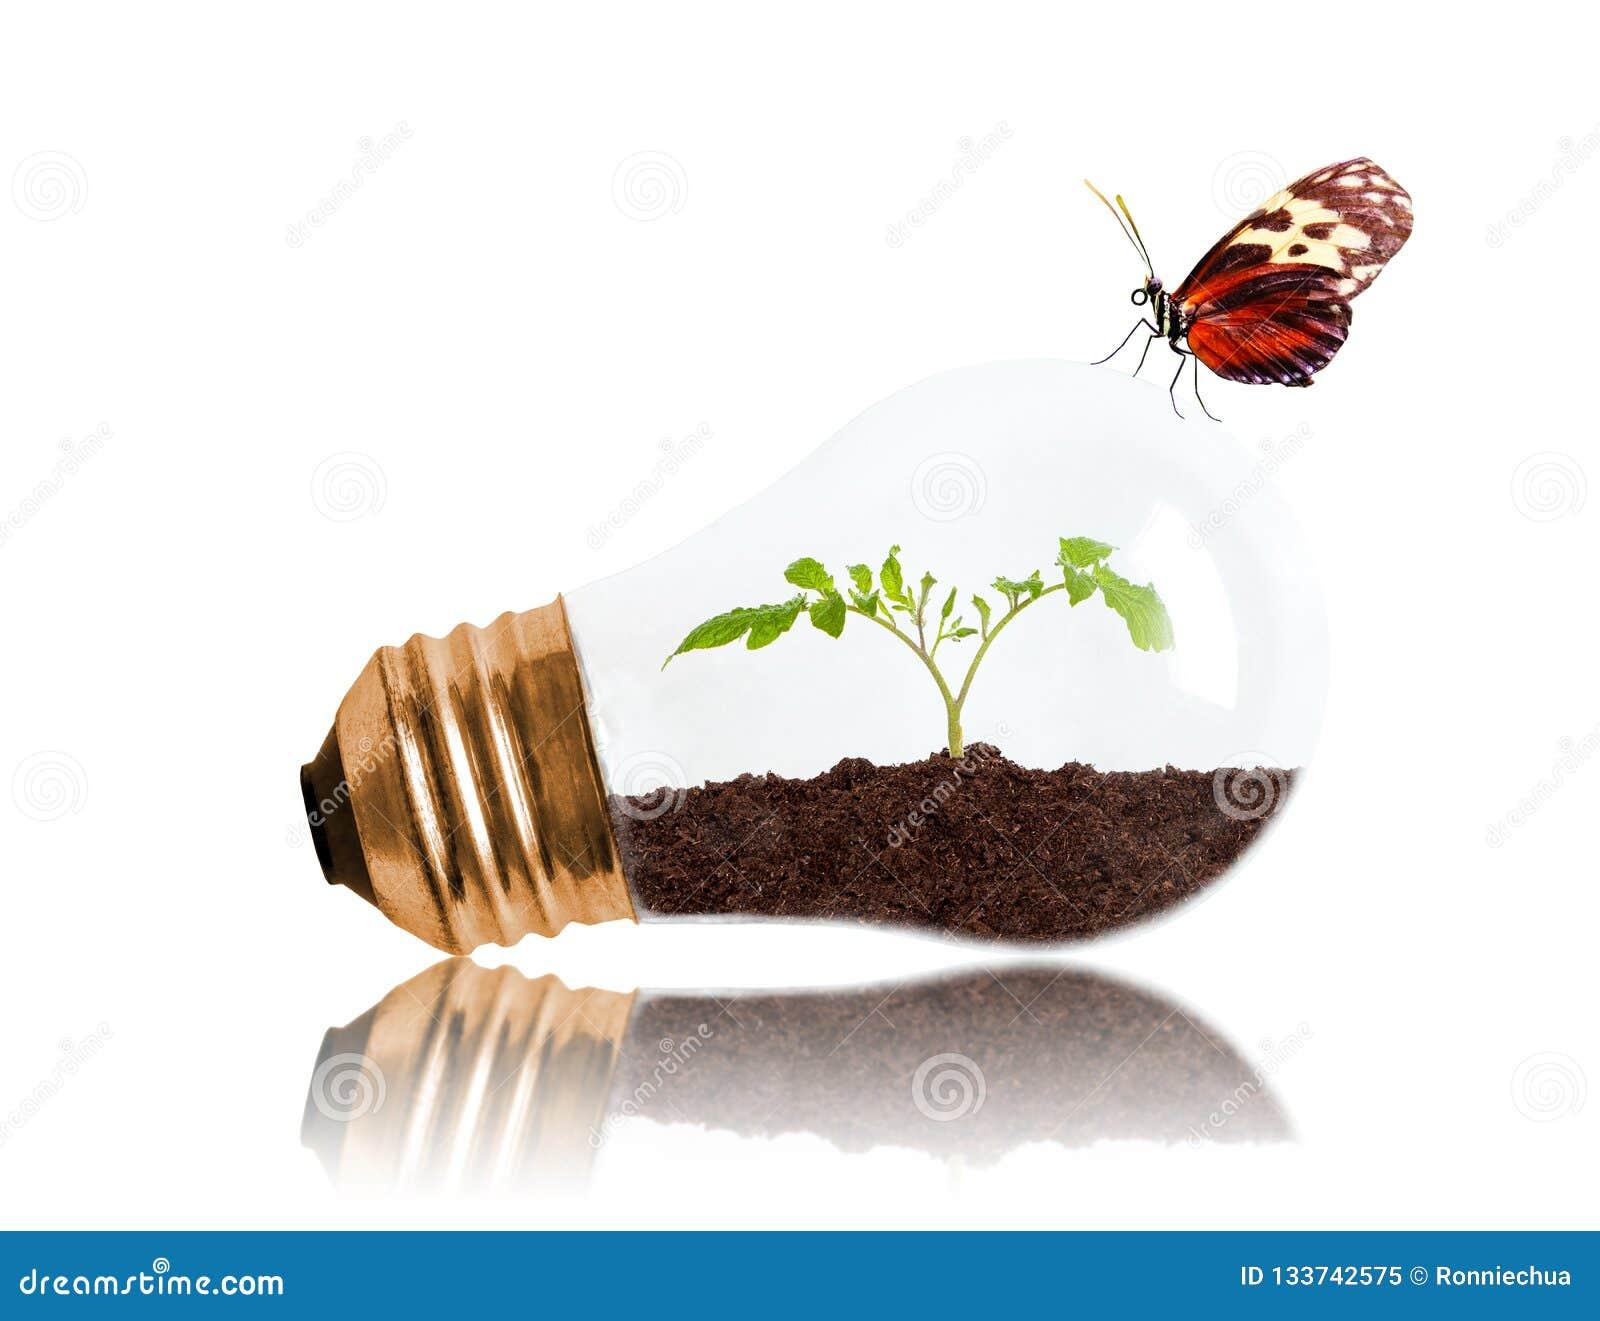 Młody Rozsadowy Rosnąć Z ziemi Wśrodku żarówki Z masłem